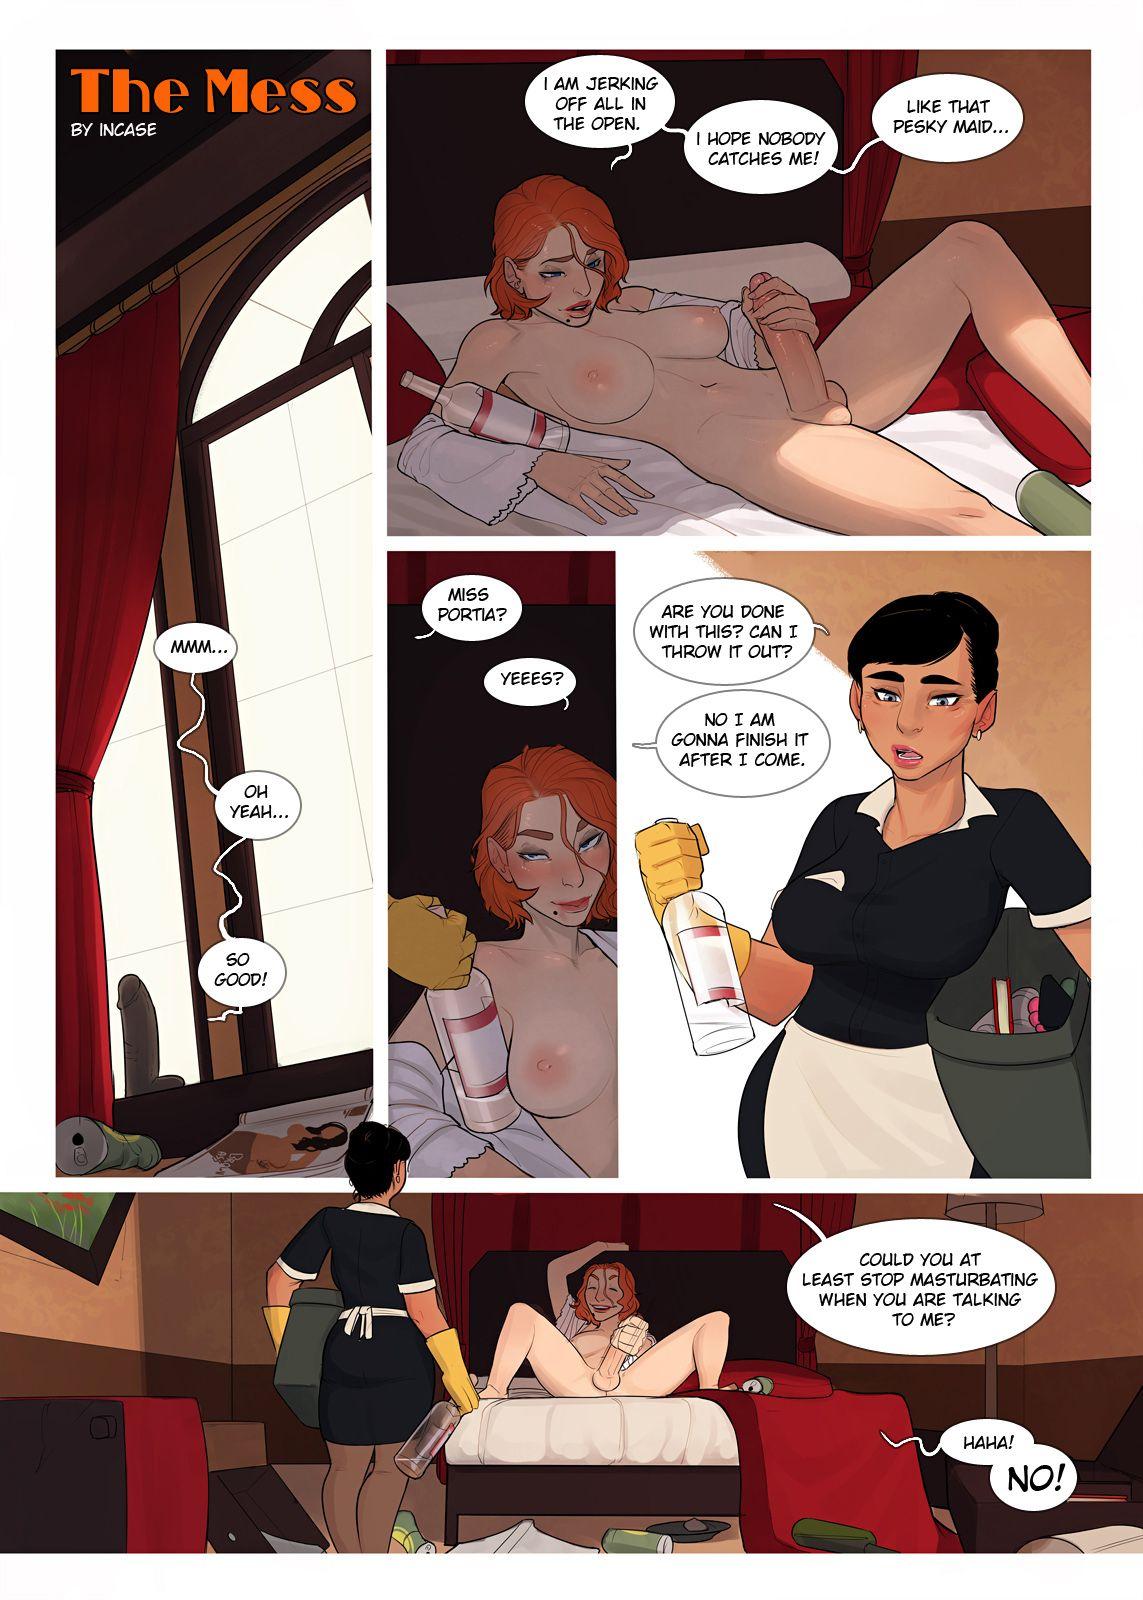 Incase porno fumetti